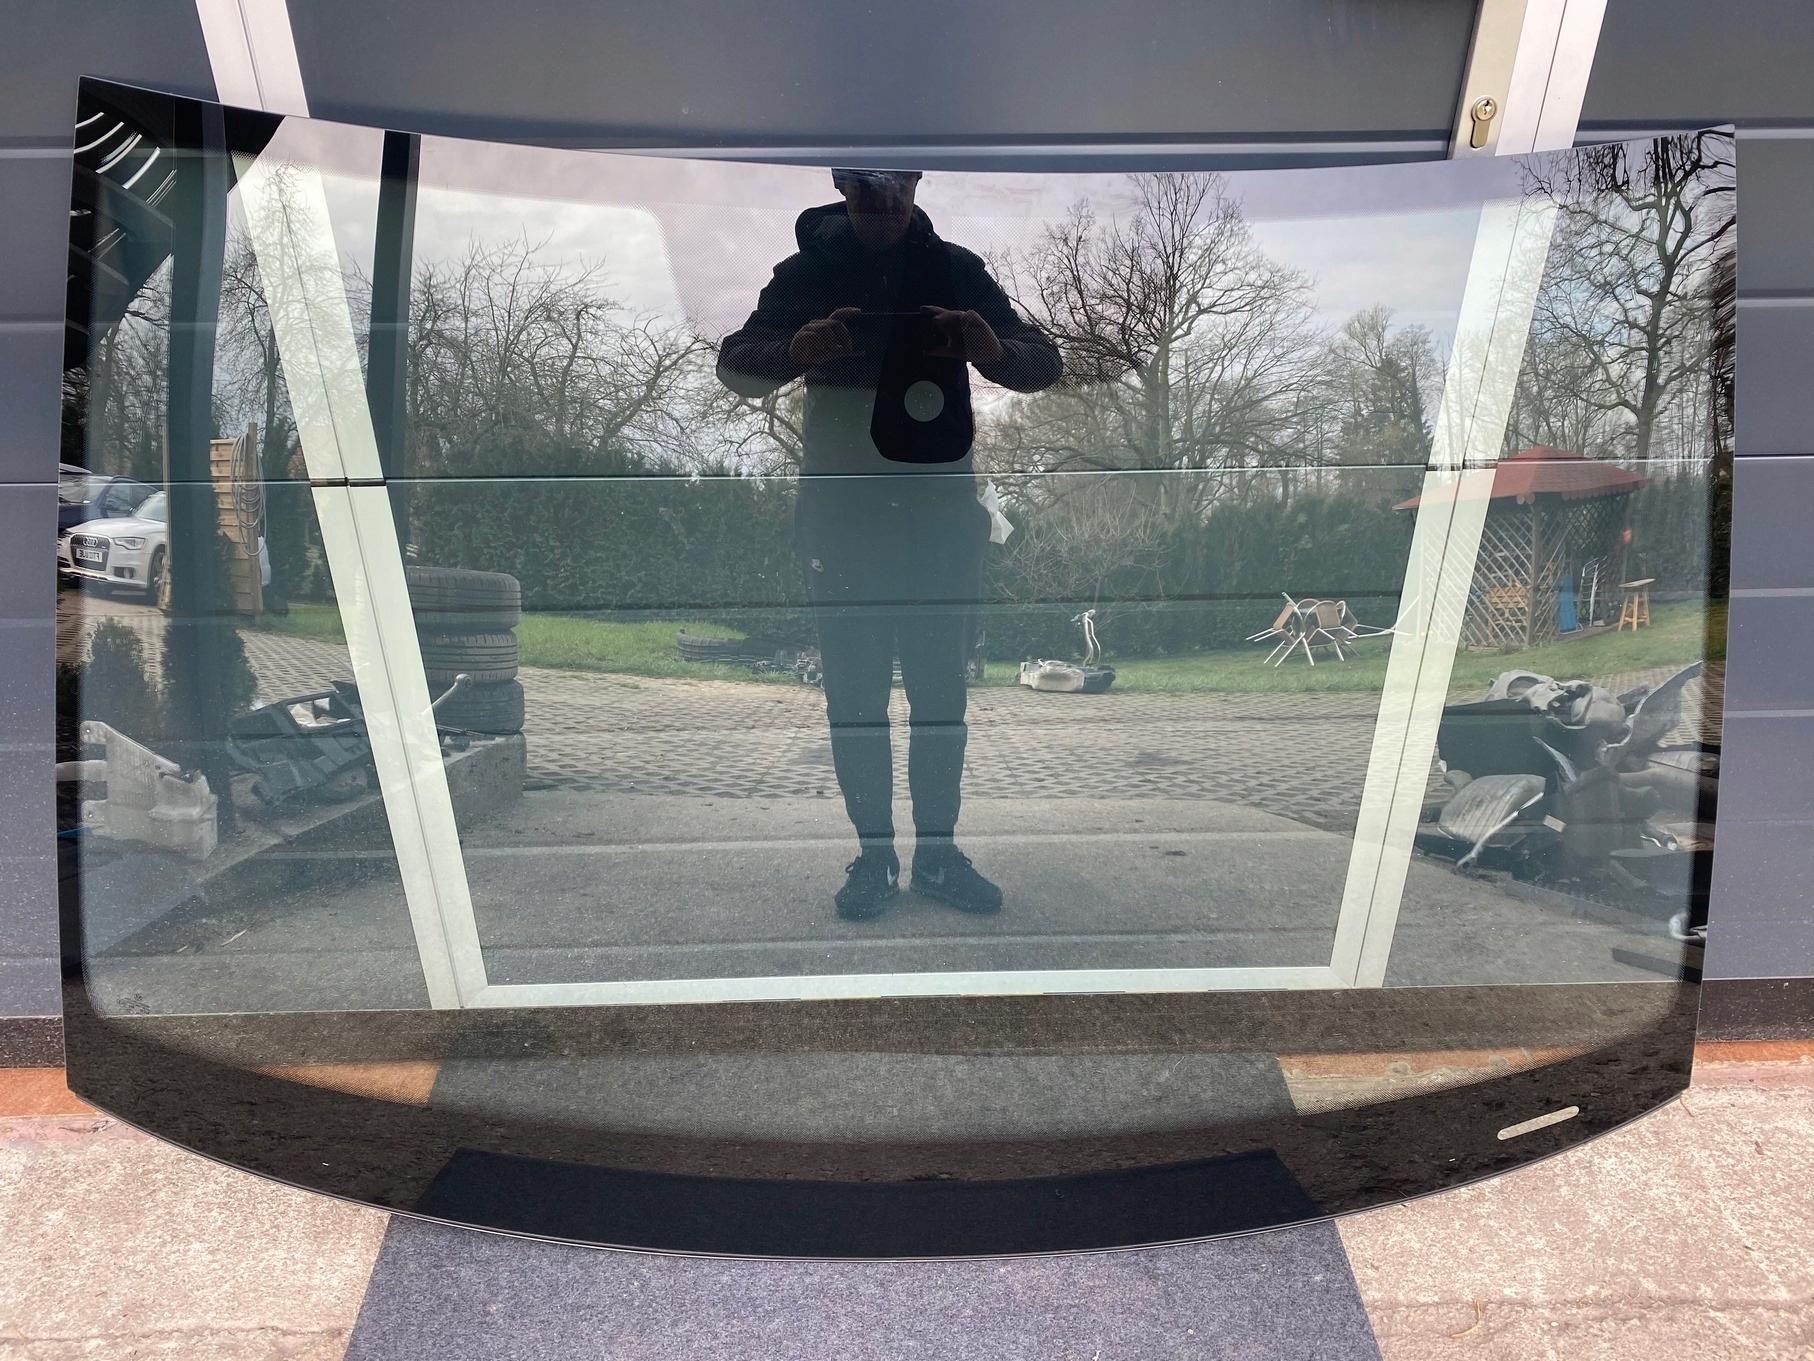 vw гольф vii 7 lift стекло стекло мост 20r